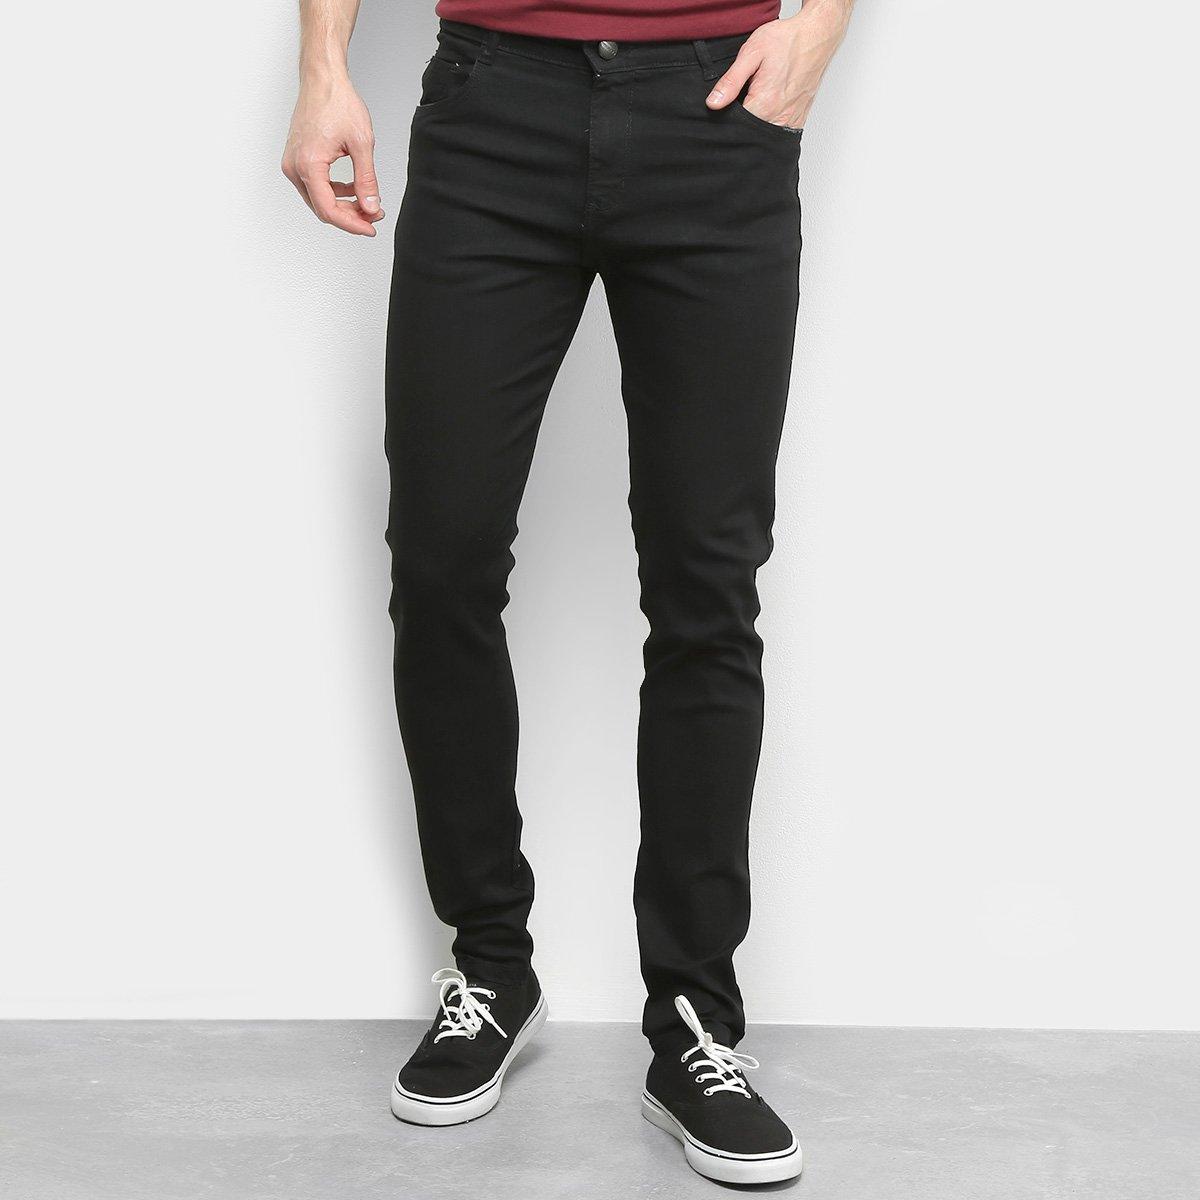 Calça Jeans Ecxo Masculino-2004